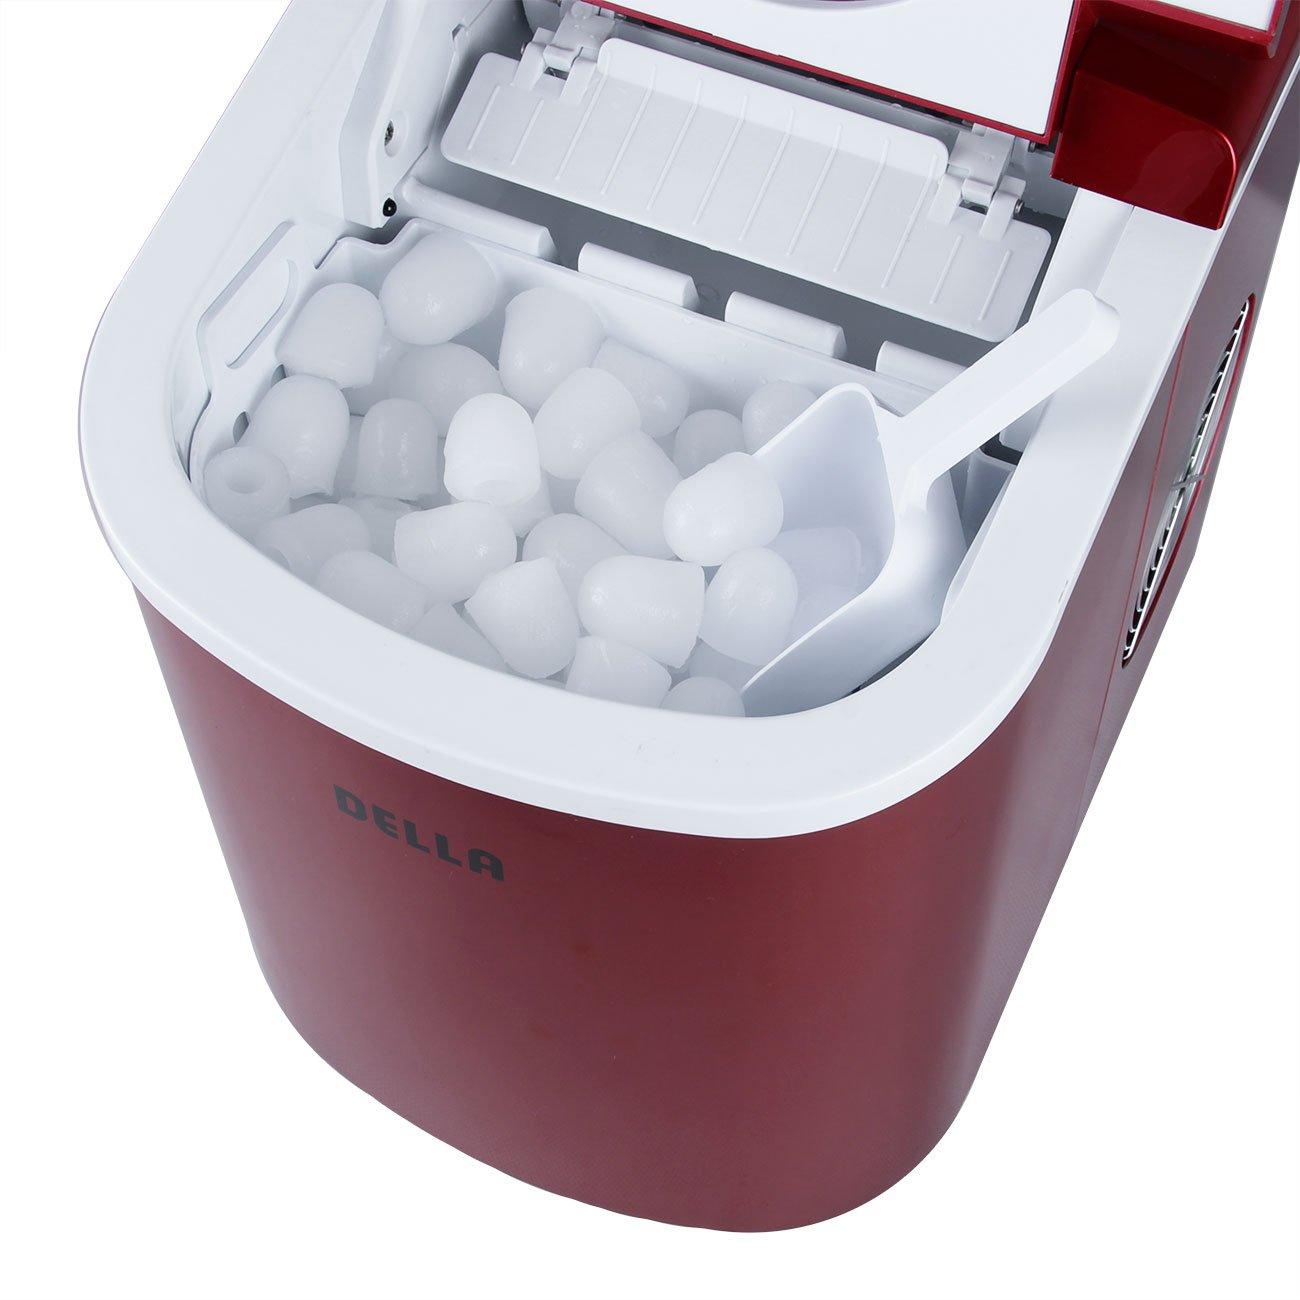 Della Portable Electric Ice Maker Machine Producing 26 Lbs. Of Ice Per Day- Red by DELLA (Image #4)